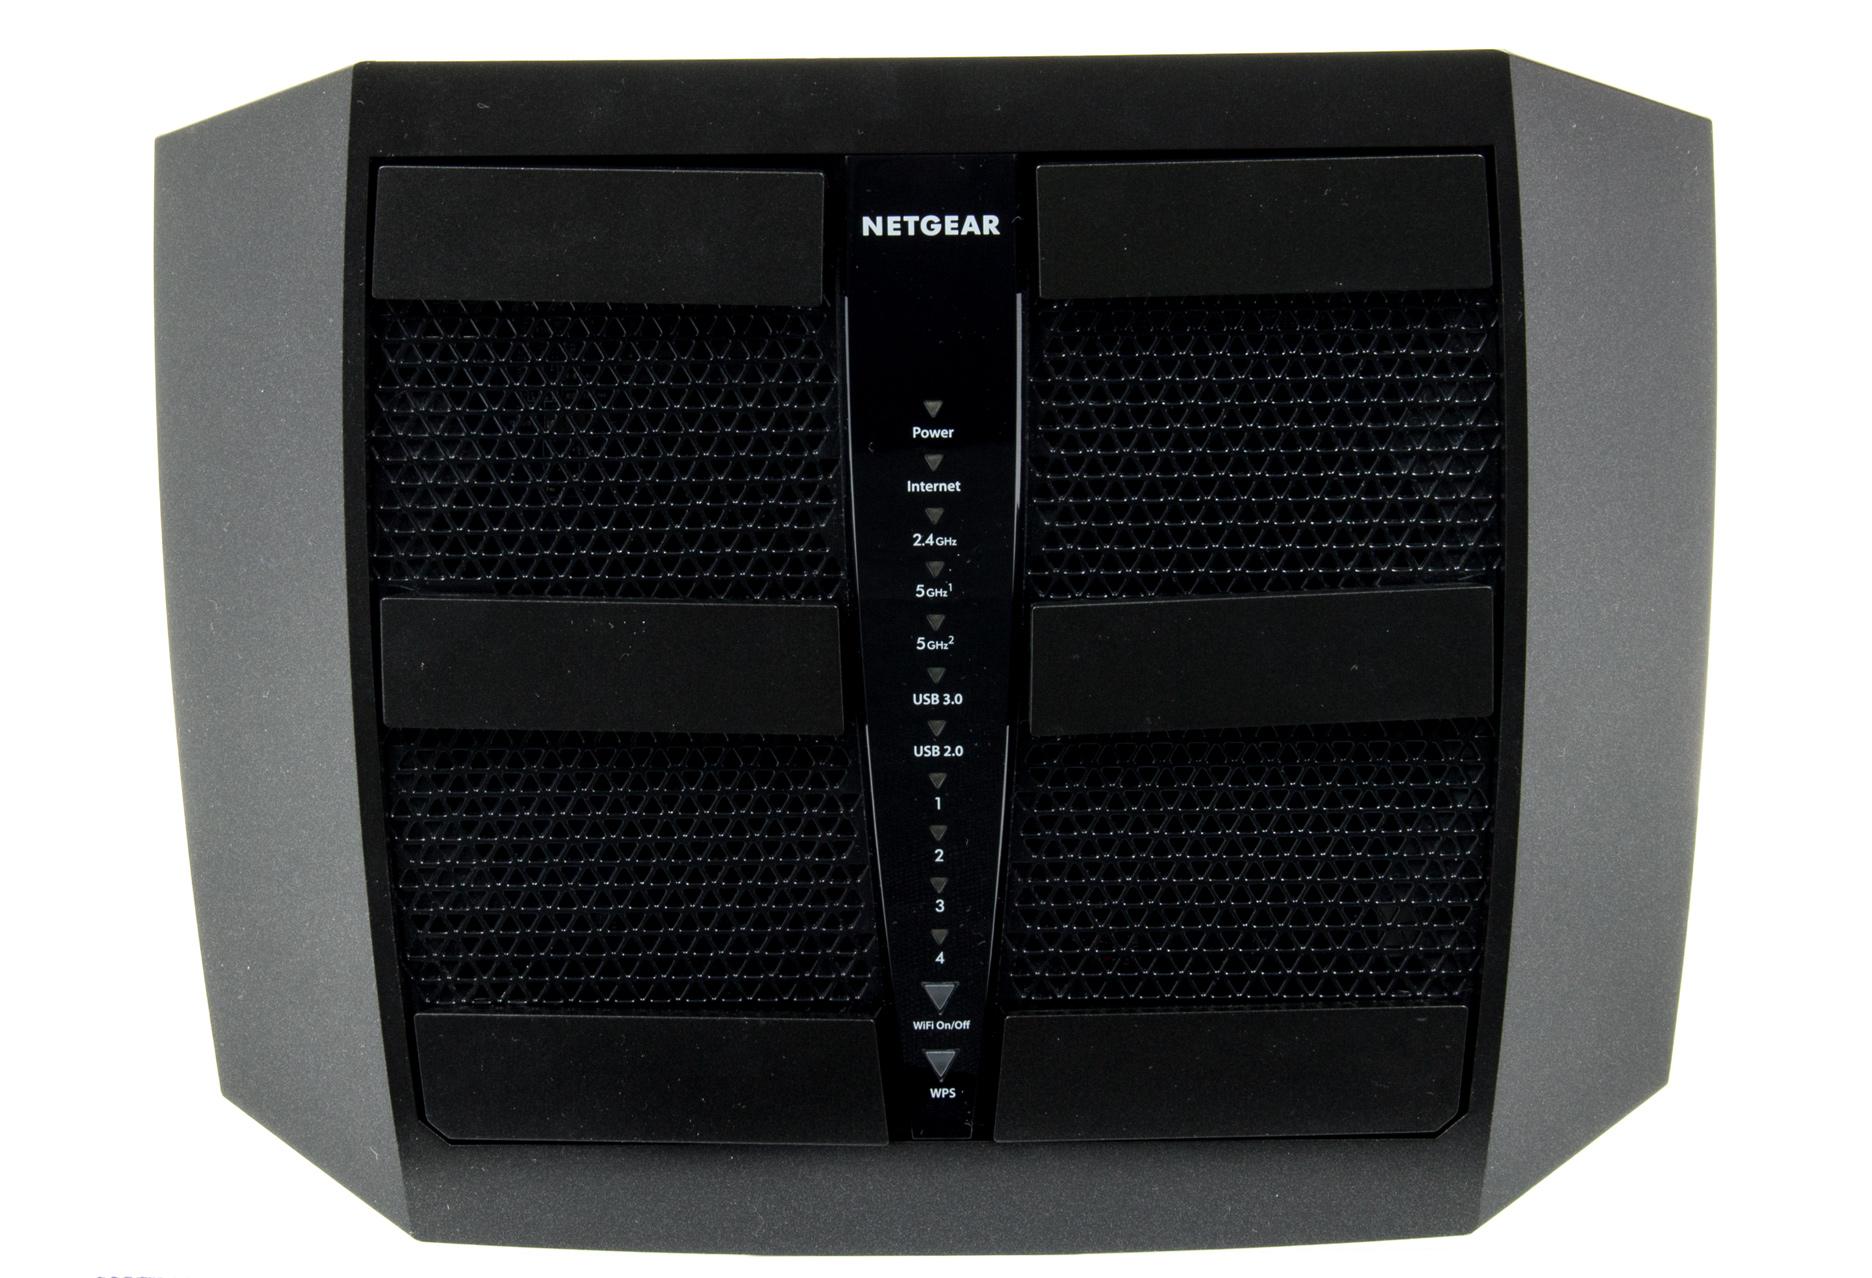 Netgear X6 Nighthawk R8000